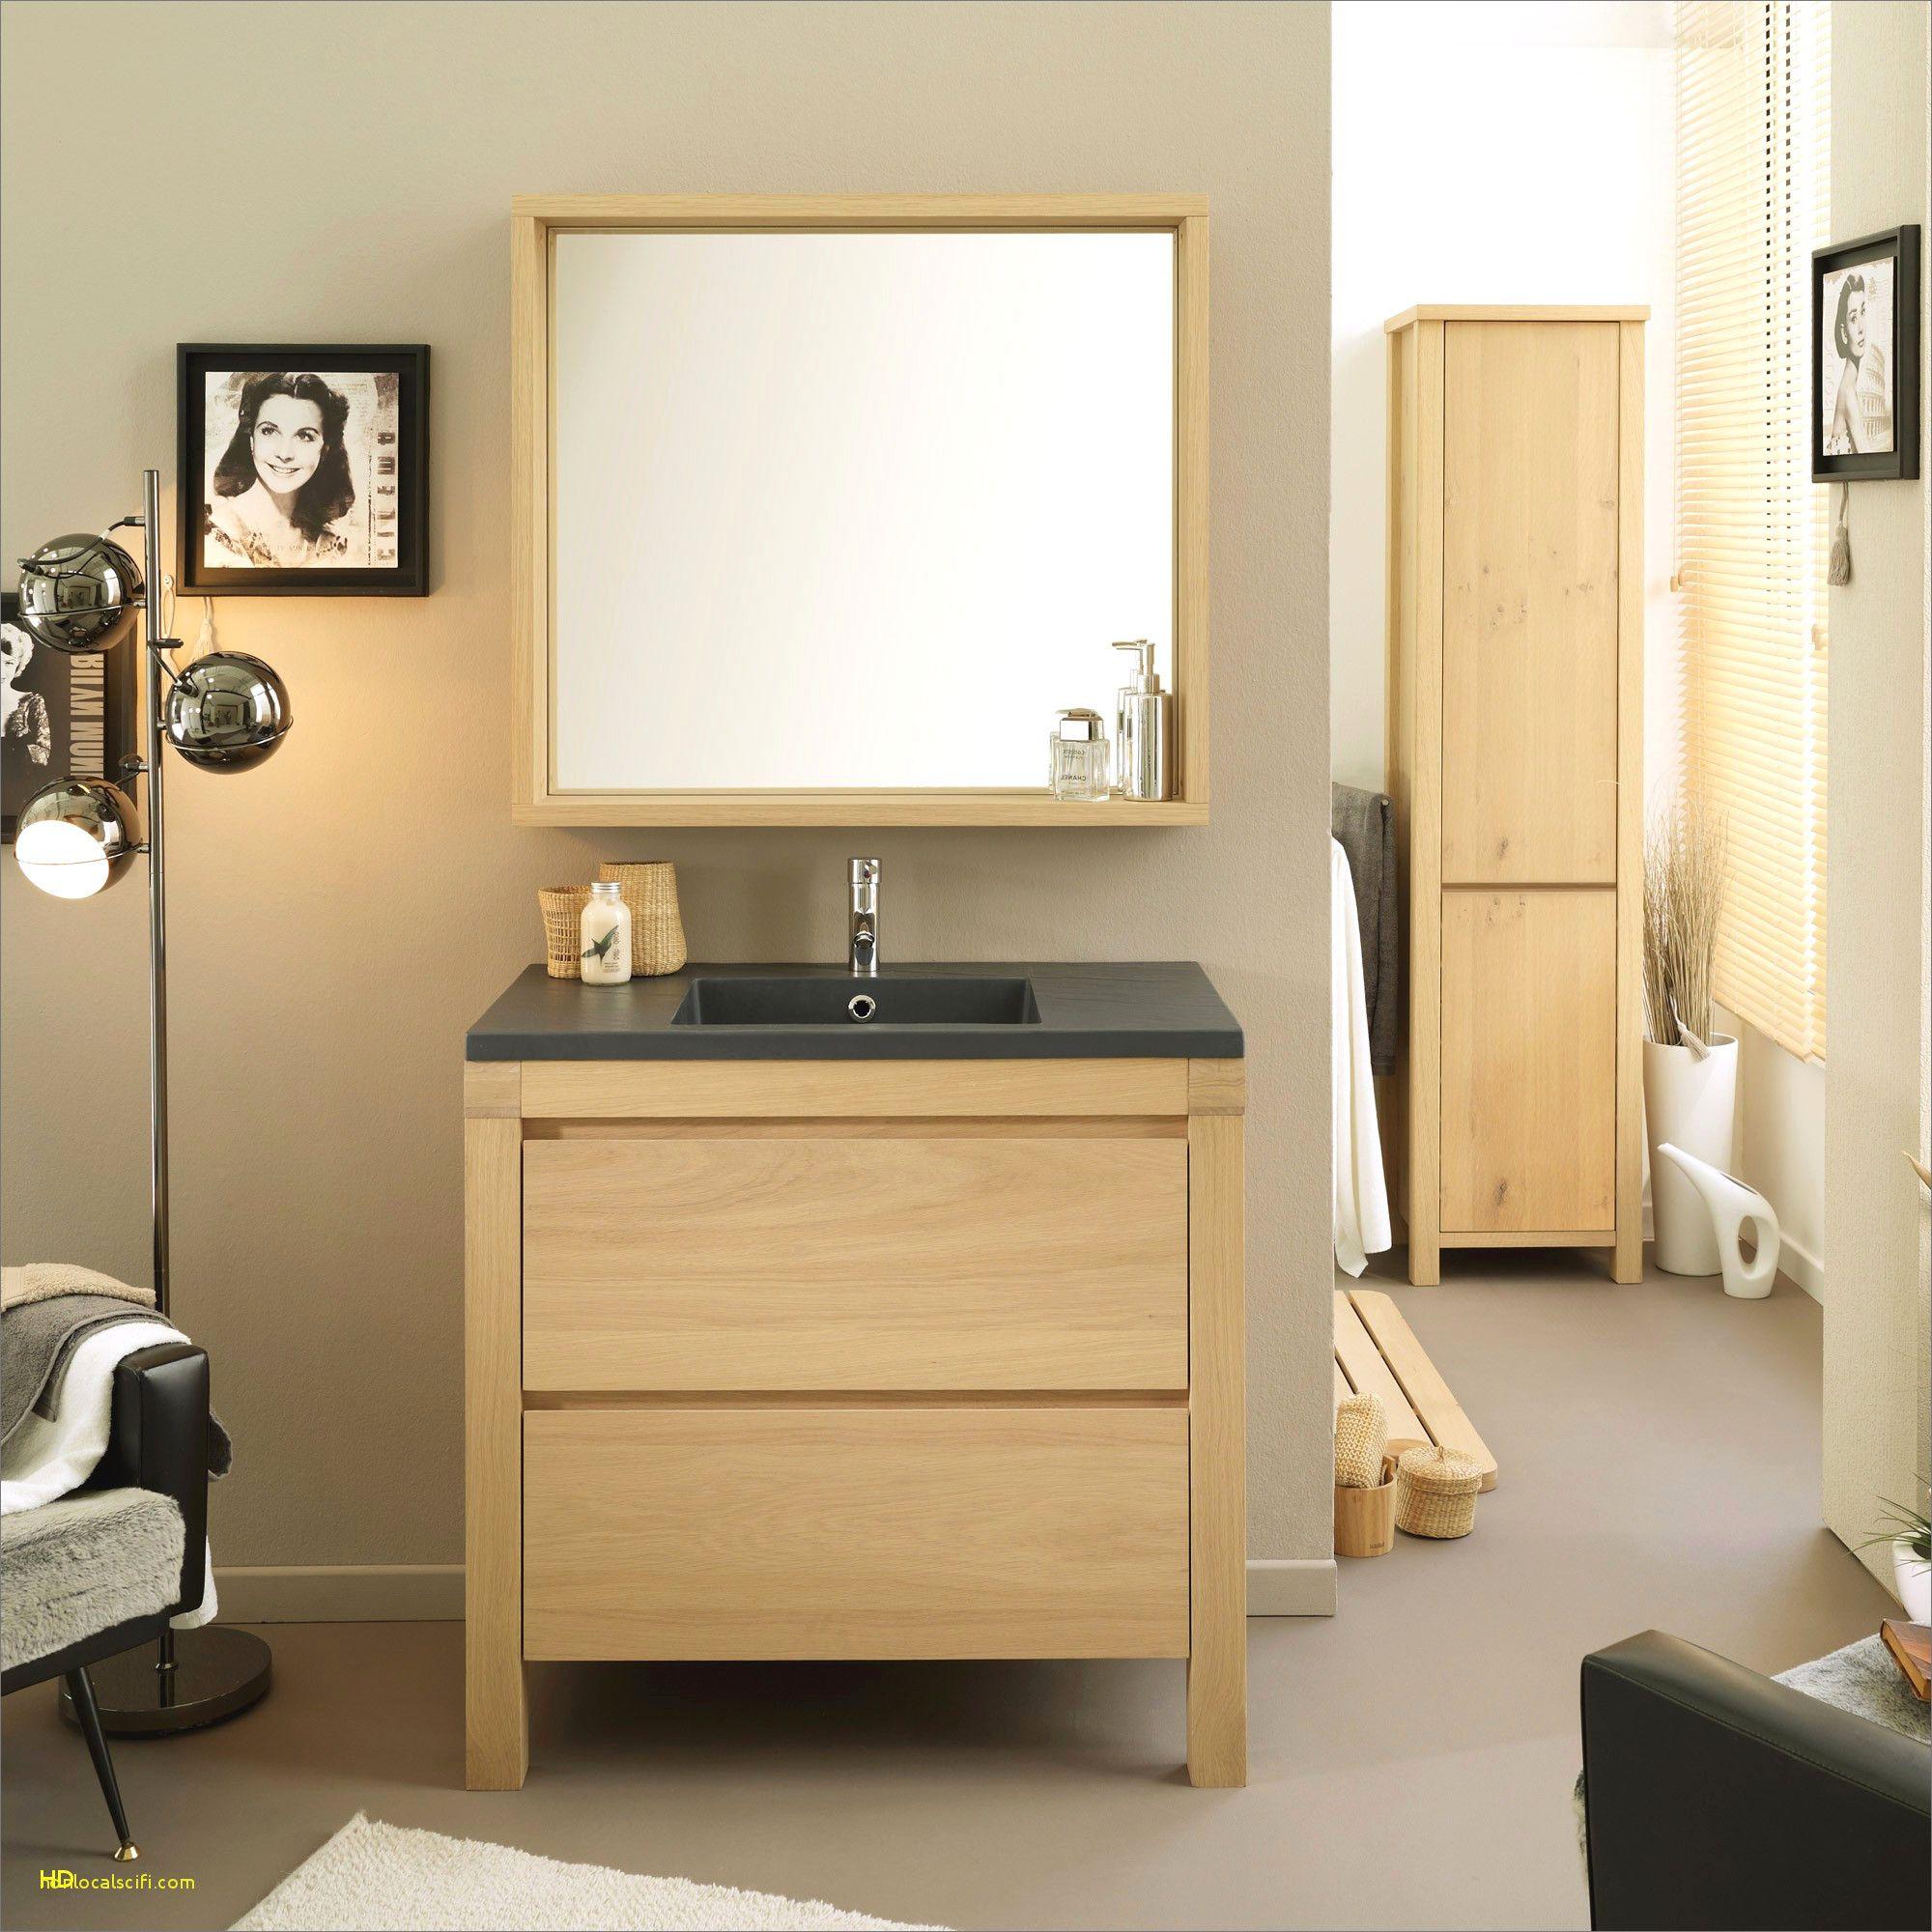 Resultat Superieur Meuble Salle Bain Bois Massif Unique Meuble Salle De Bain Bois Massif Le Luxe Meuble Noir Small Bathroom Tiles Small Bathroom Tile Bathroom